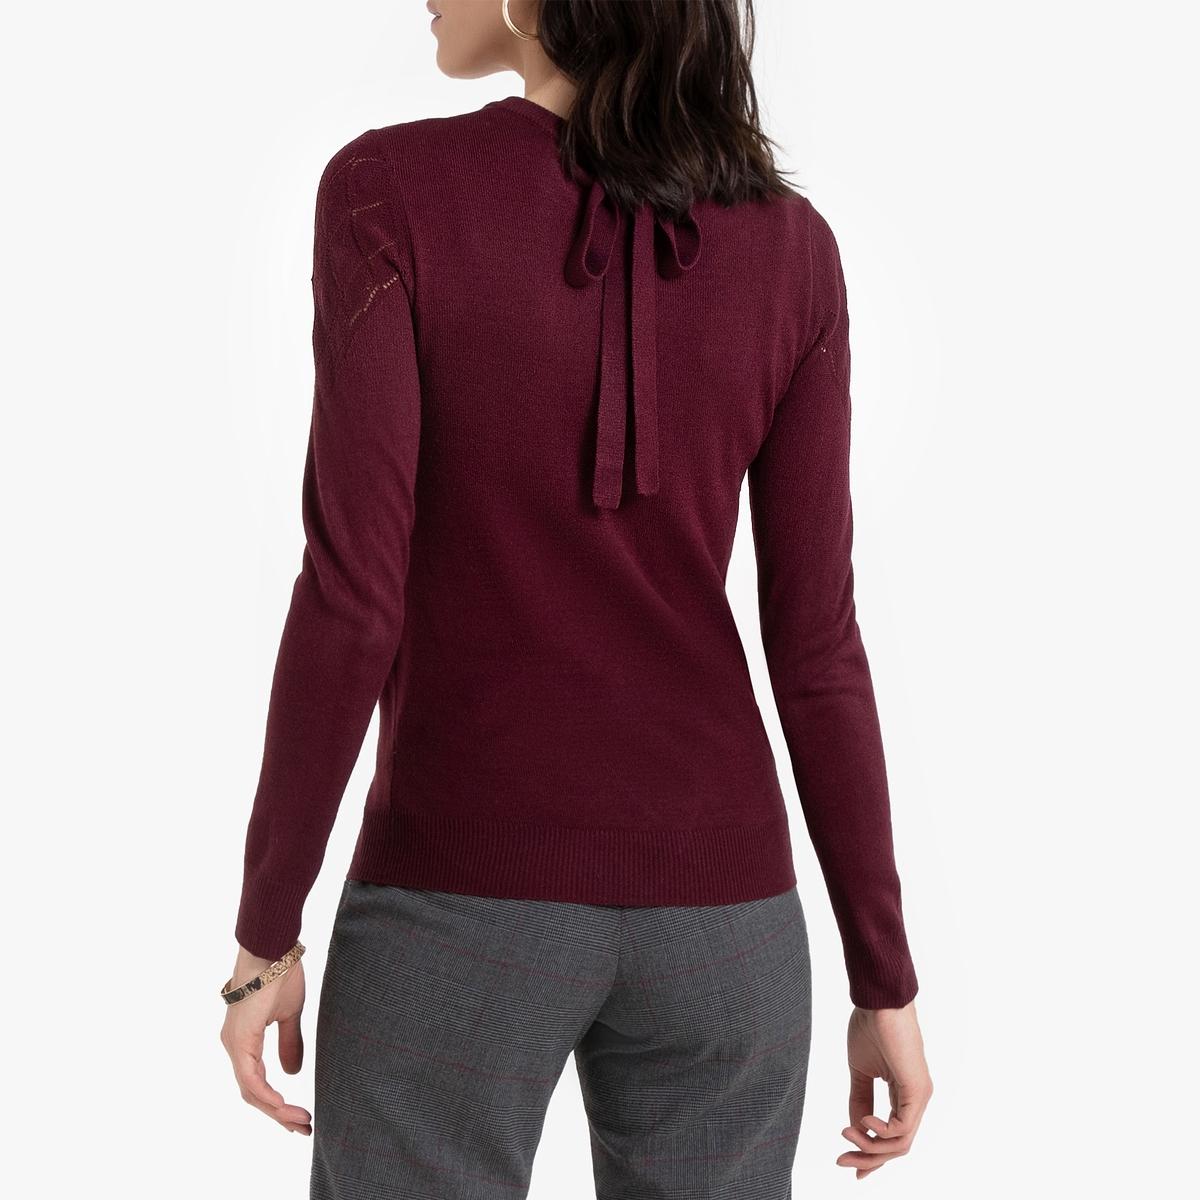 Пуловер La Redoute С круглым вырезом из тонкого ажурного трикотажа 50/52 (FR) - 56/58 (RUS) красный пуловер la redoute с круглым вырезом из тонкого трикотажа m красный